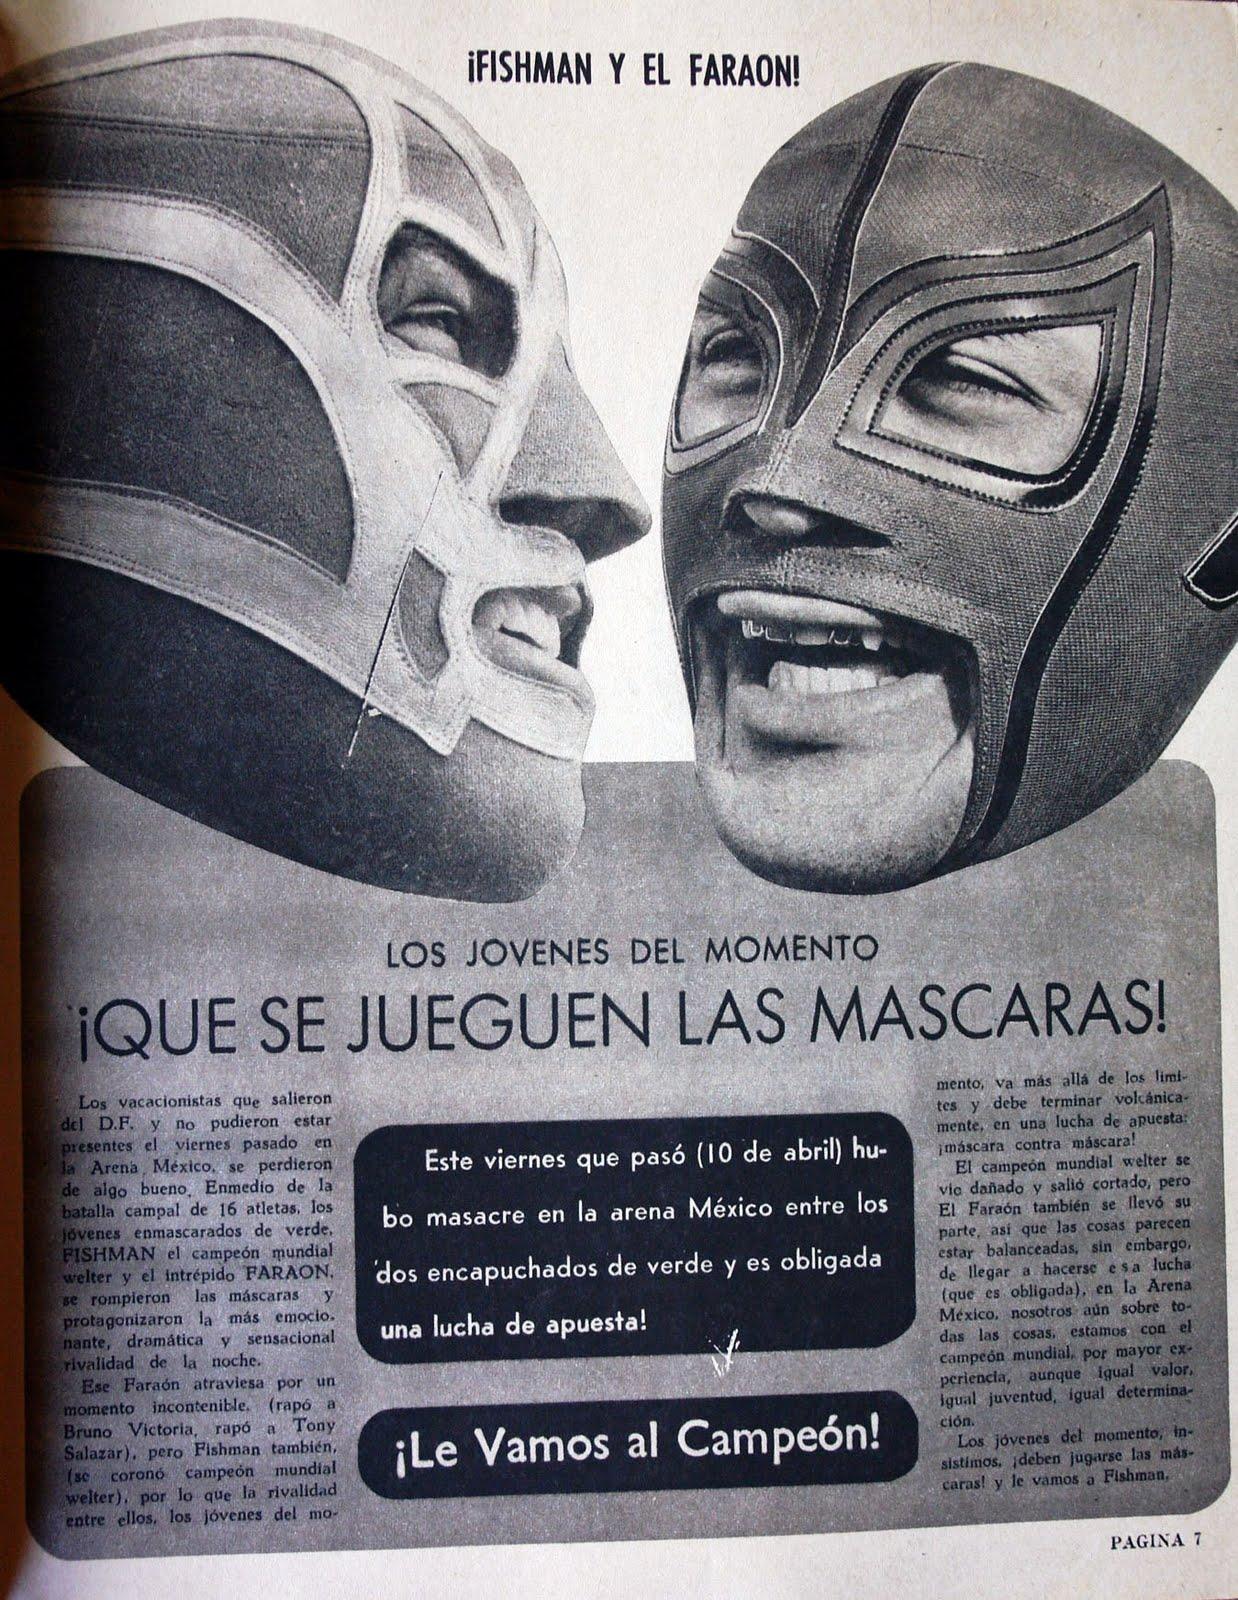 El faraon luchador http bajolascapuchasmx blogspot com 2011 06 el